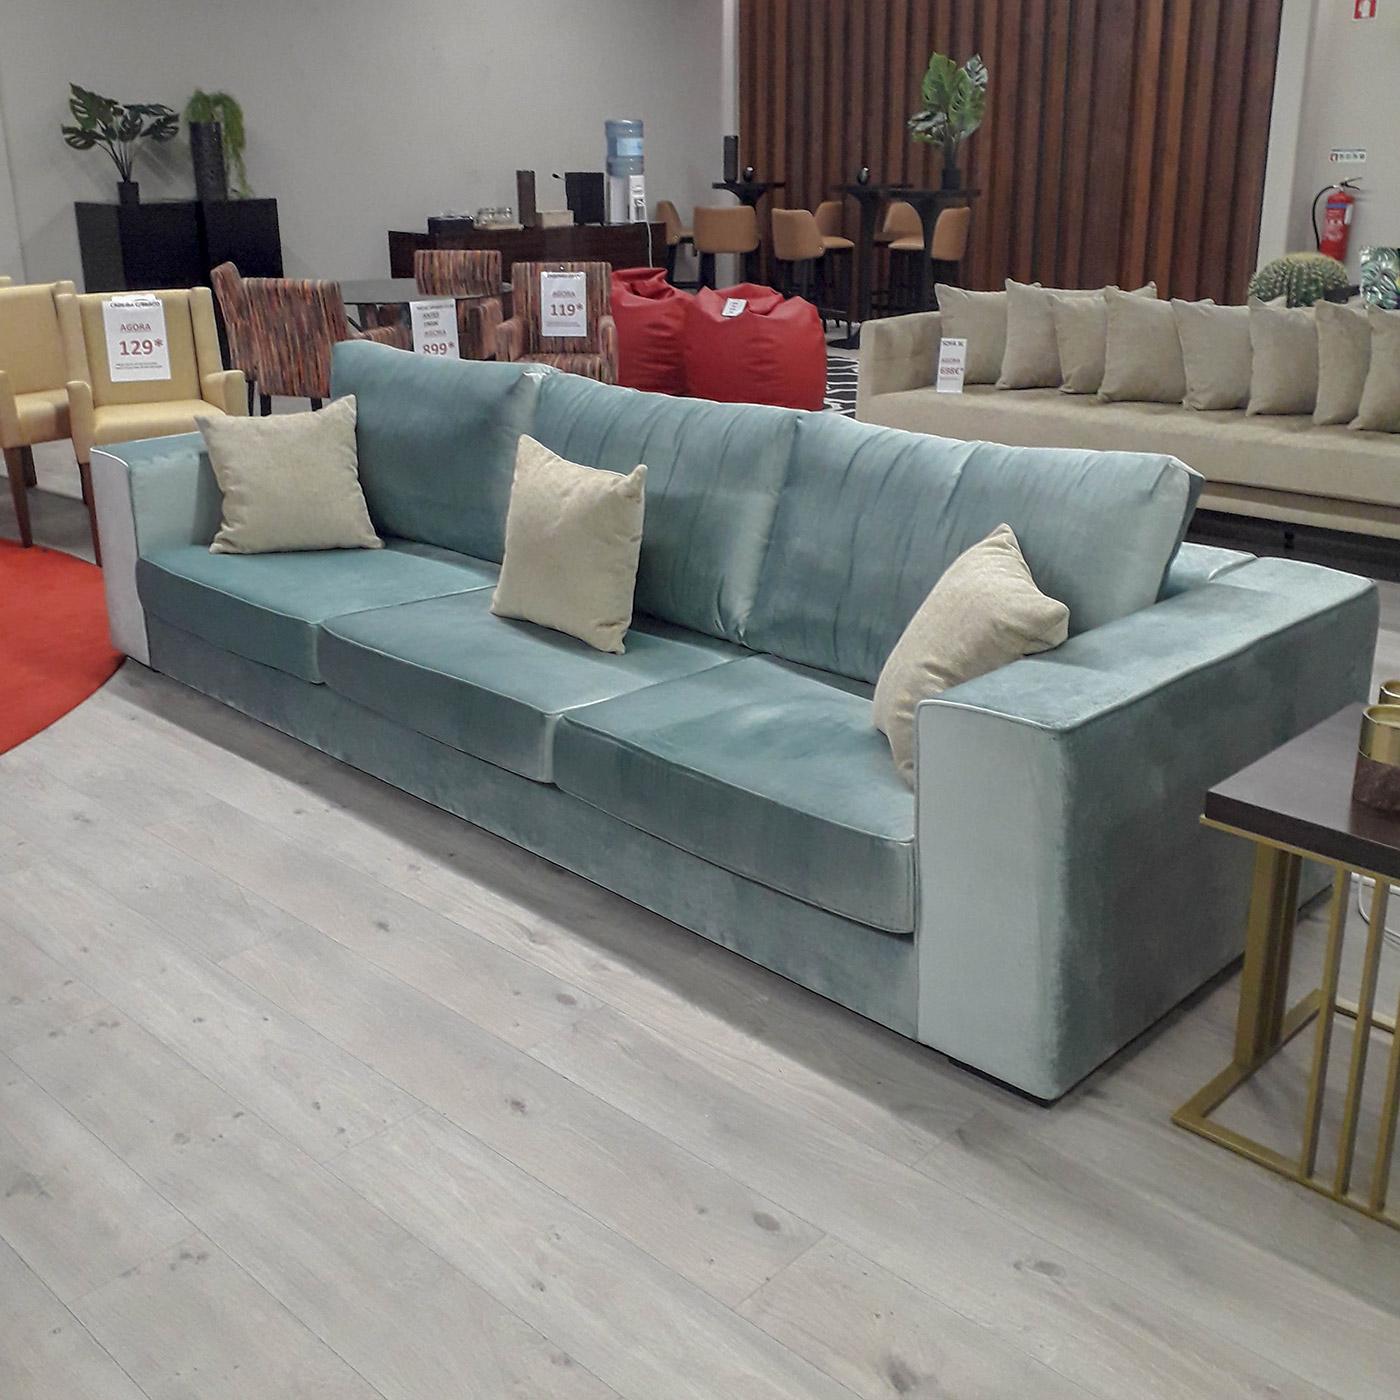 sofa-fen-chaise-domkapa-liquidação-total